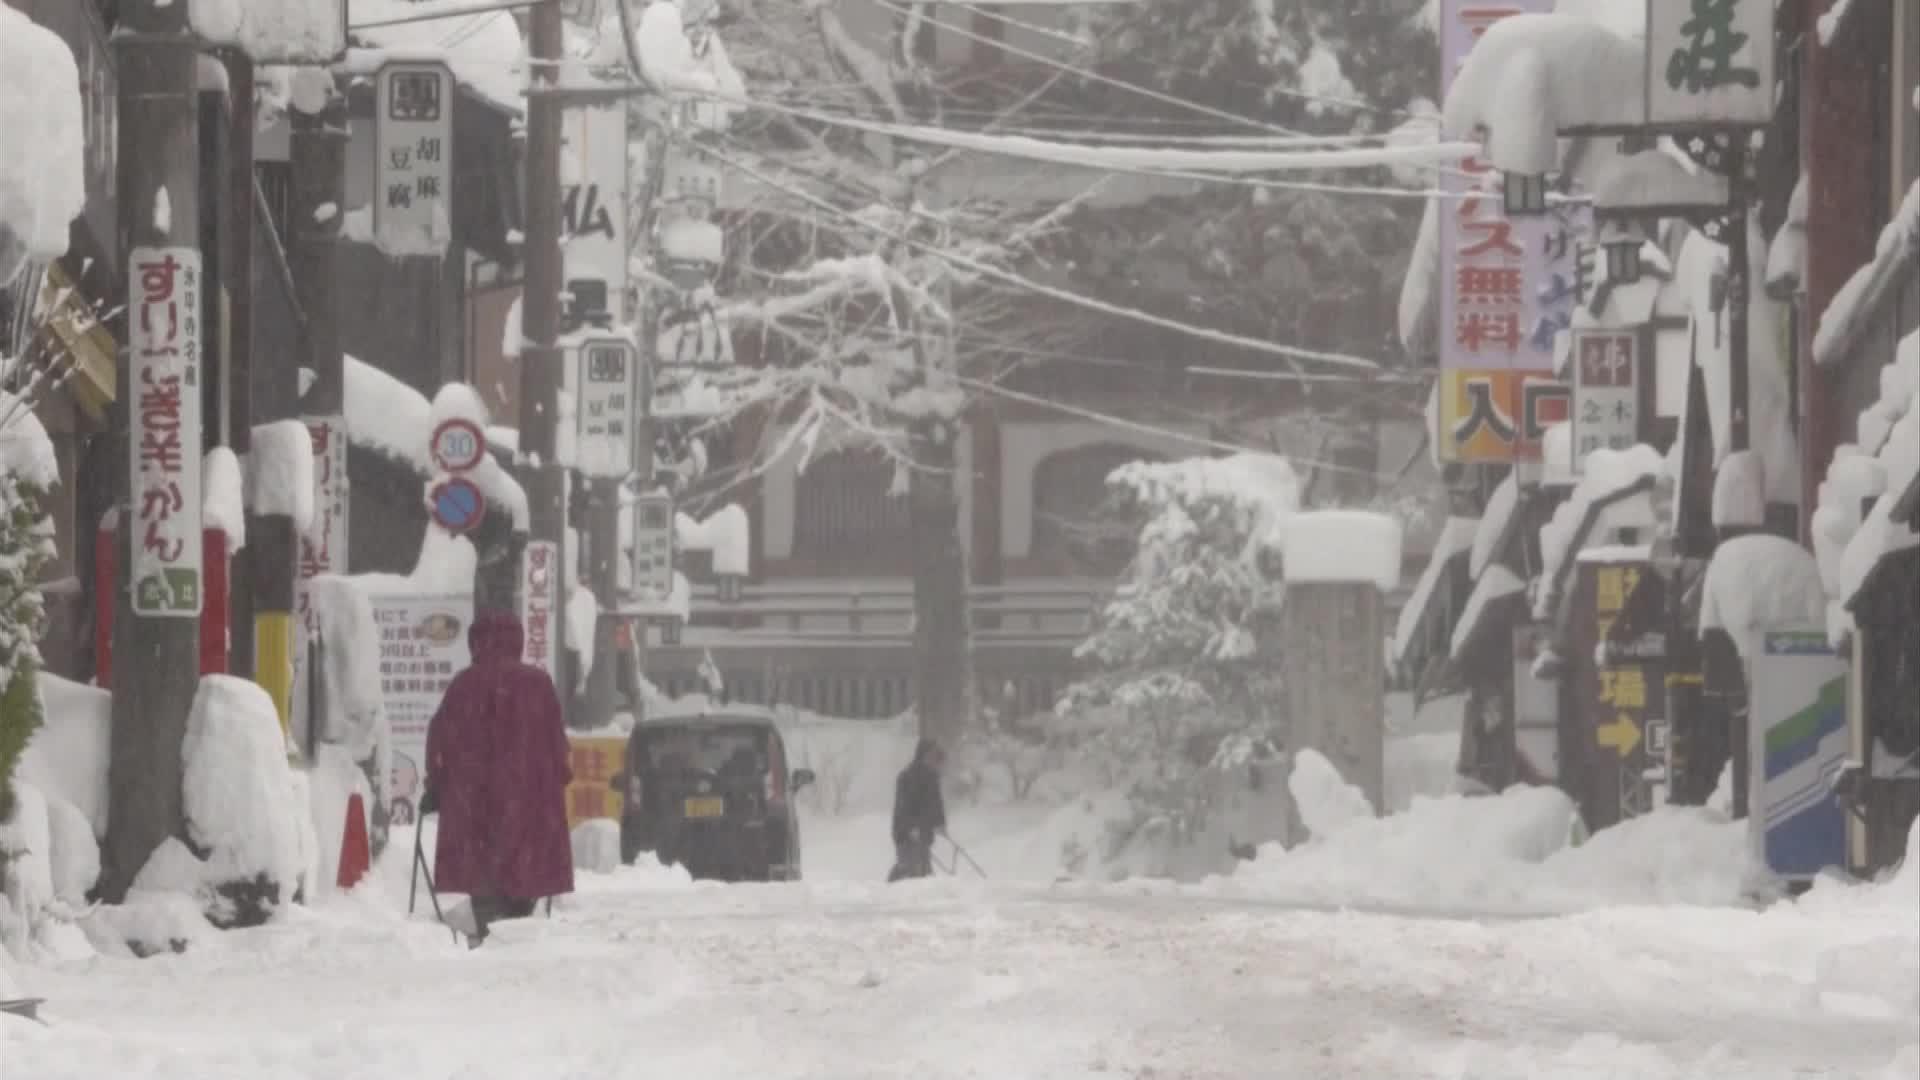 일본, 최근 기록적 폭설로 최소 7명 사망…대부분 노인들 참변